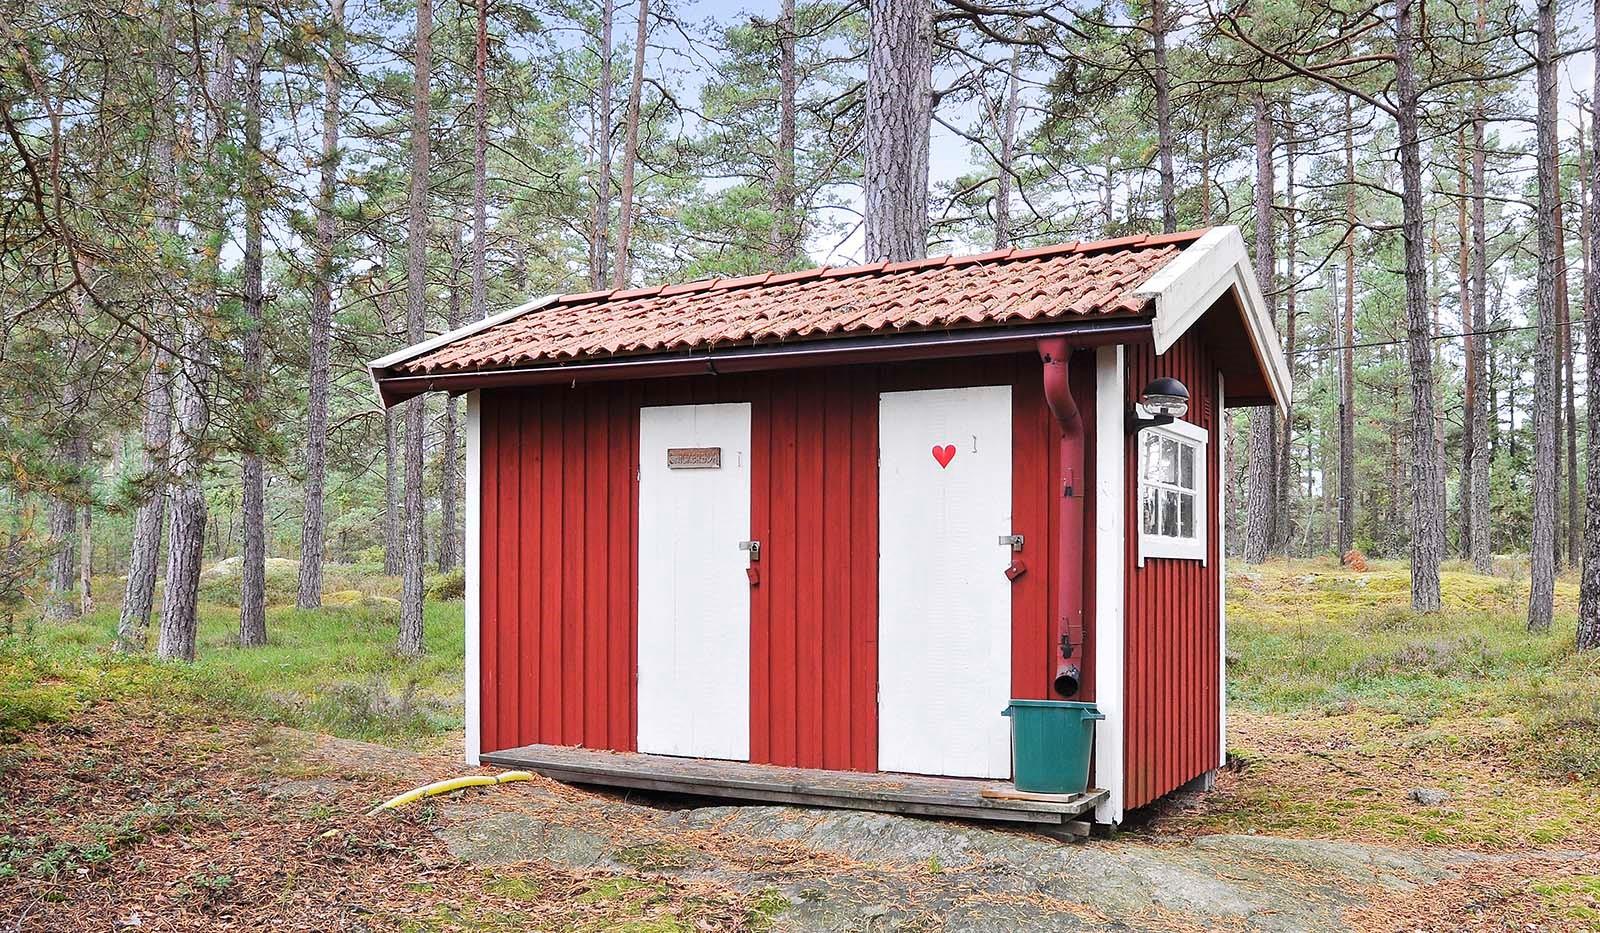 Smådalarö/ Kalvholmen/Gränö - Snickarboa och utedass